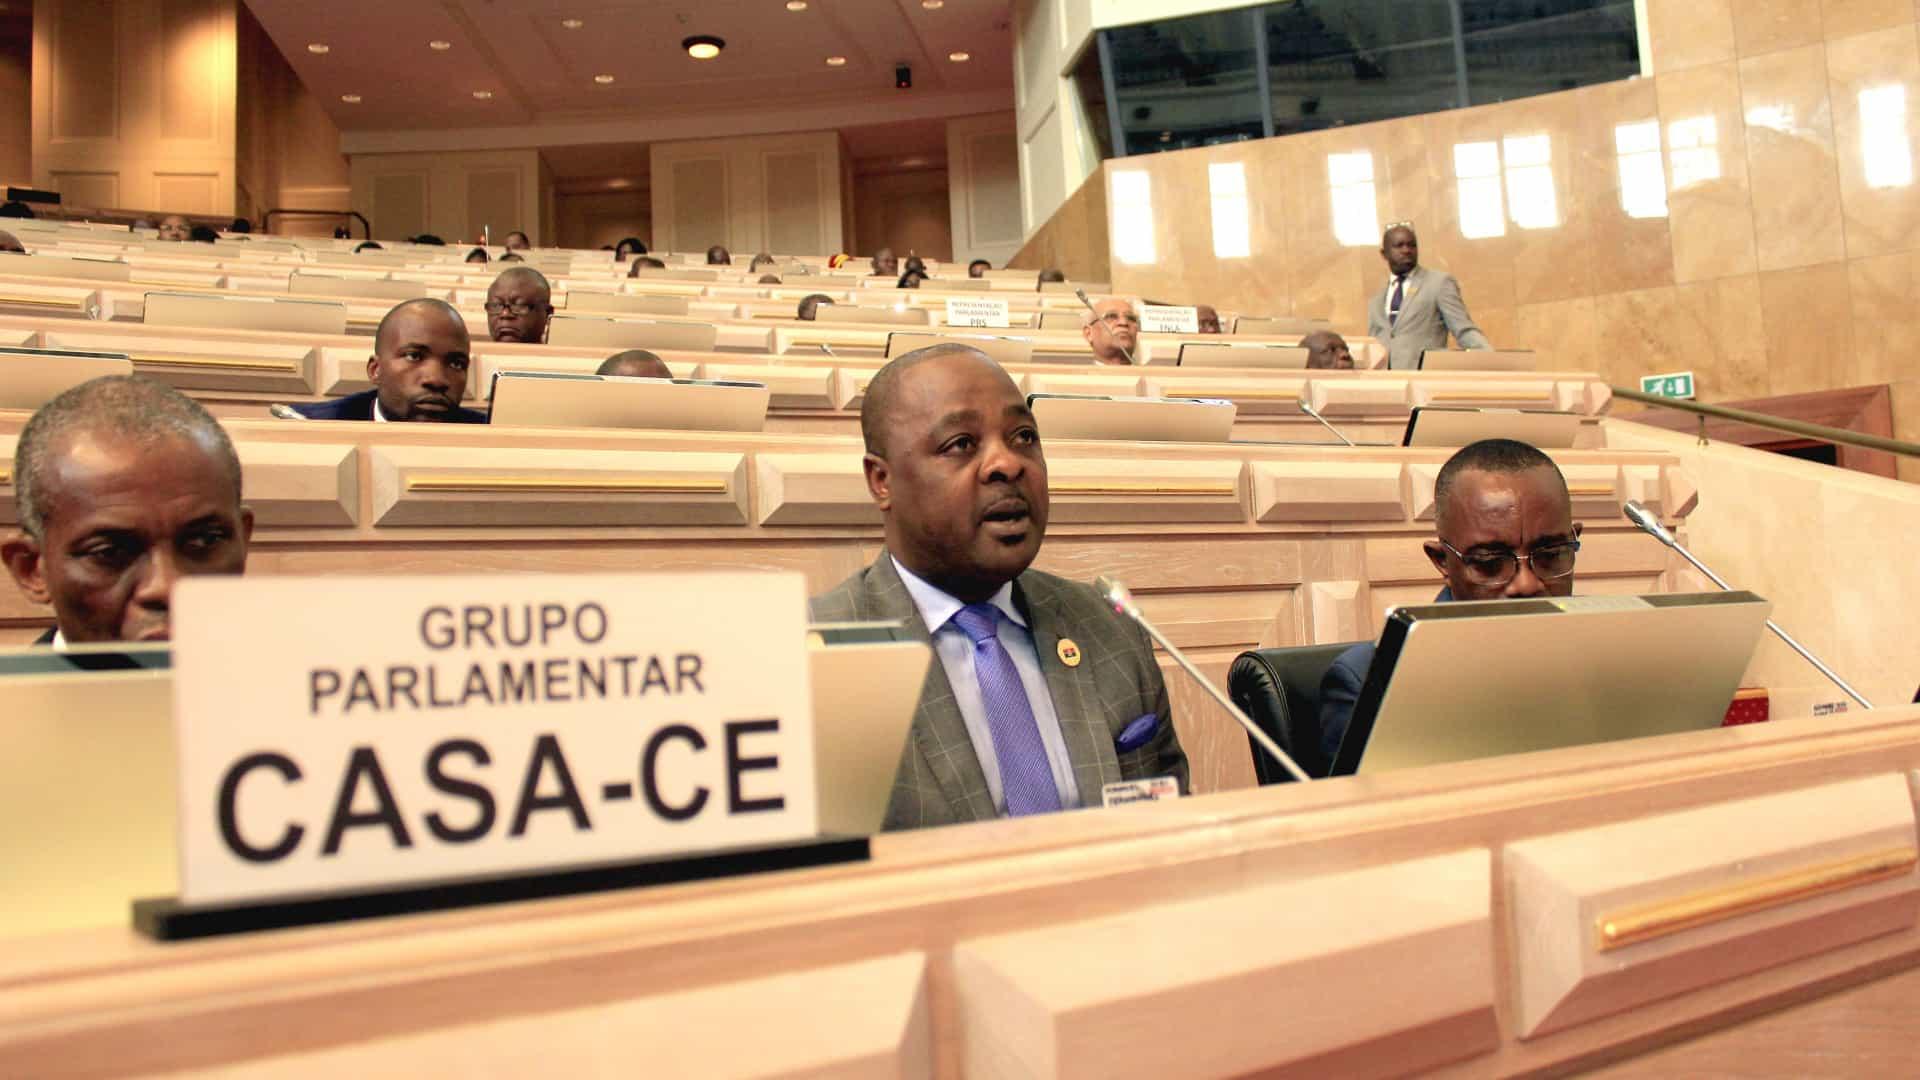 - CASA CE Parlamento - Oposição contra alterações do Código sobre IRT